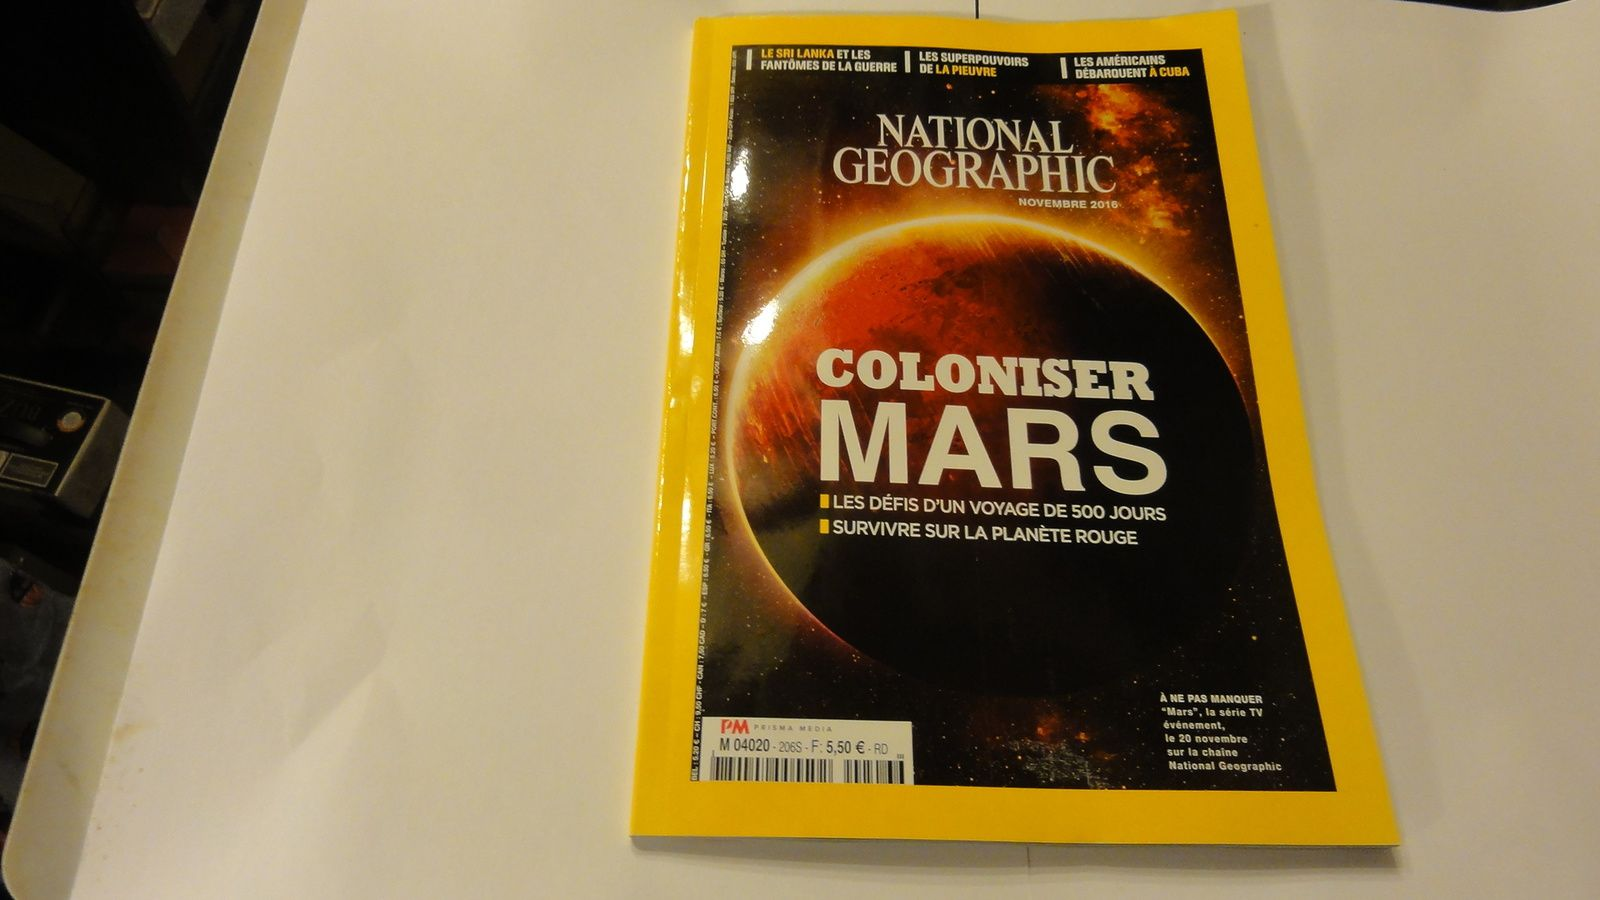 Je me suis abonné à National géographic et Géo.